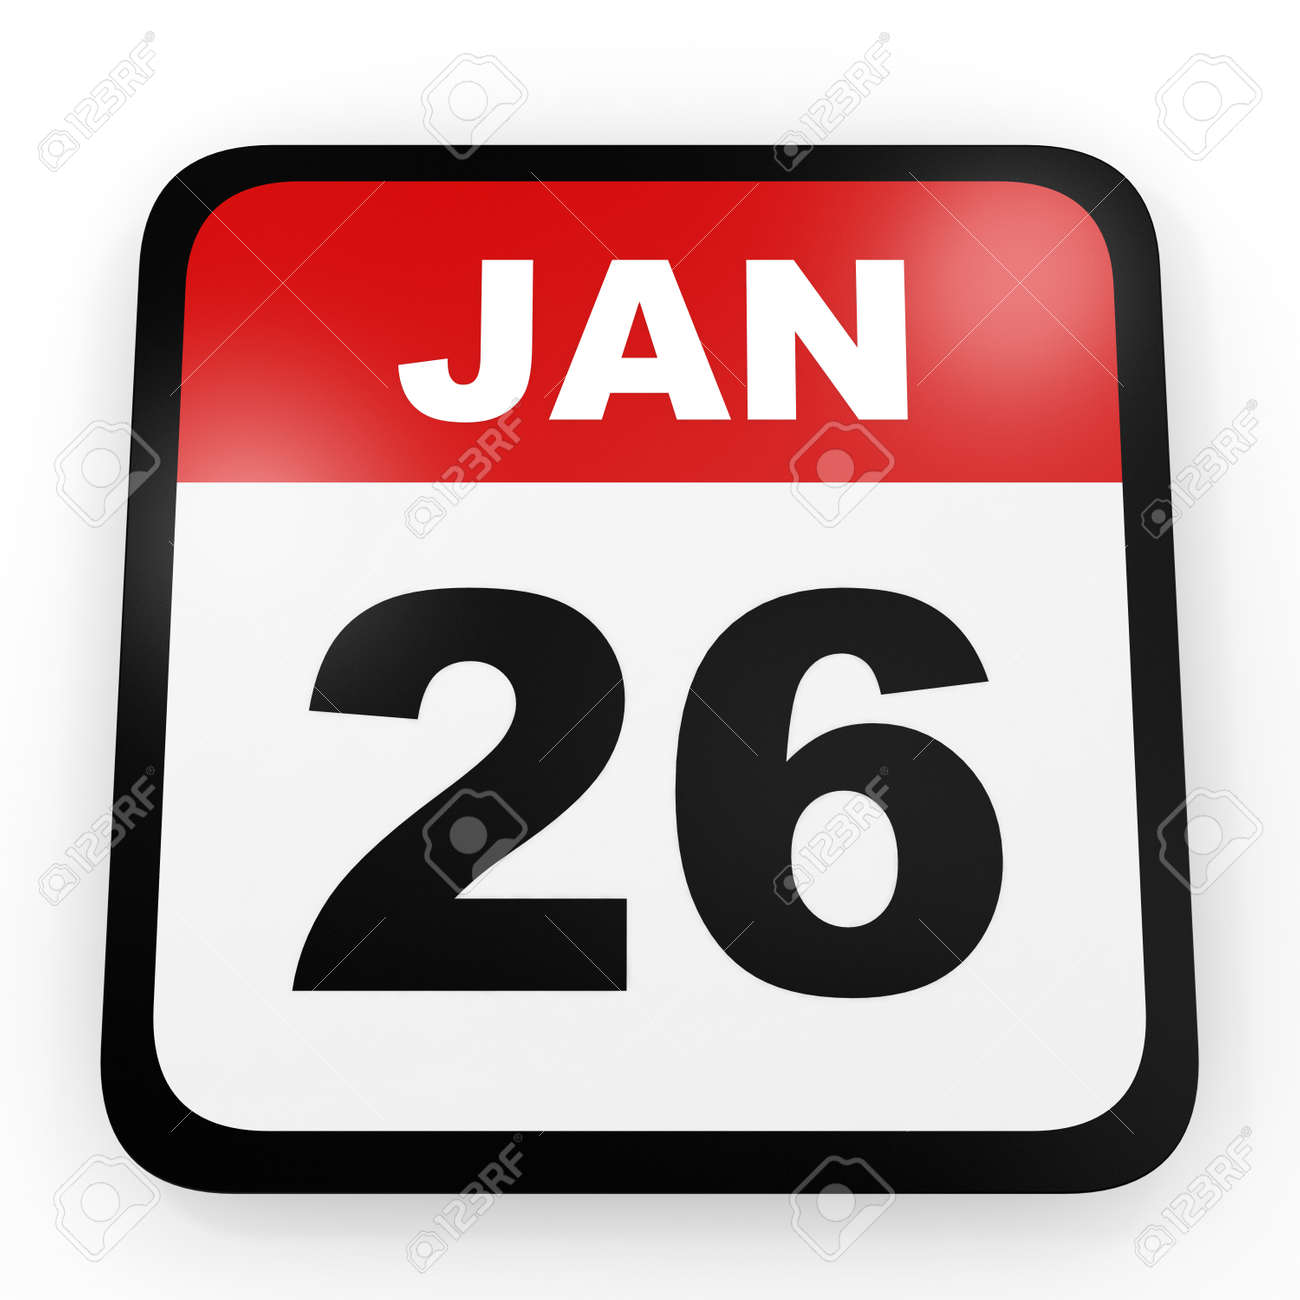 26 De Enero De Calendario En El Fondo Blanco. Ilustración 3D. Fotos,  Retratos, Imágenes Y Fotografía De Archivo Libres De Derecho. Image  64097147.